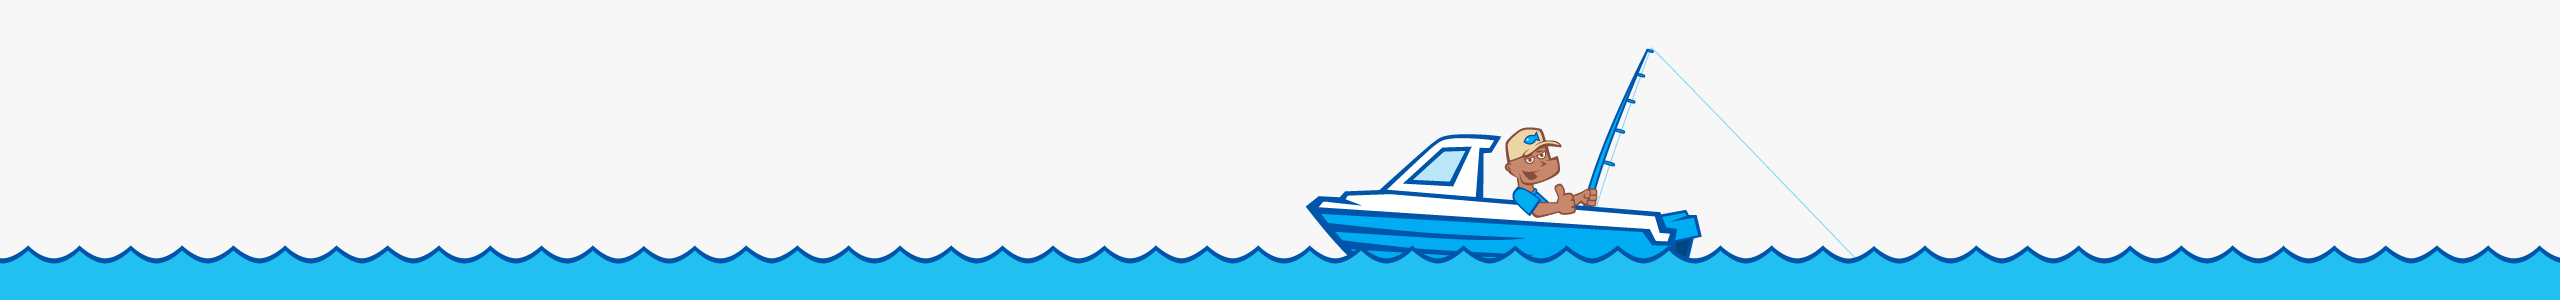 bad credit boat loans background